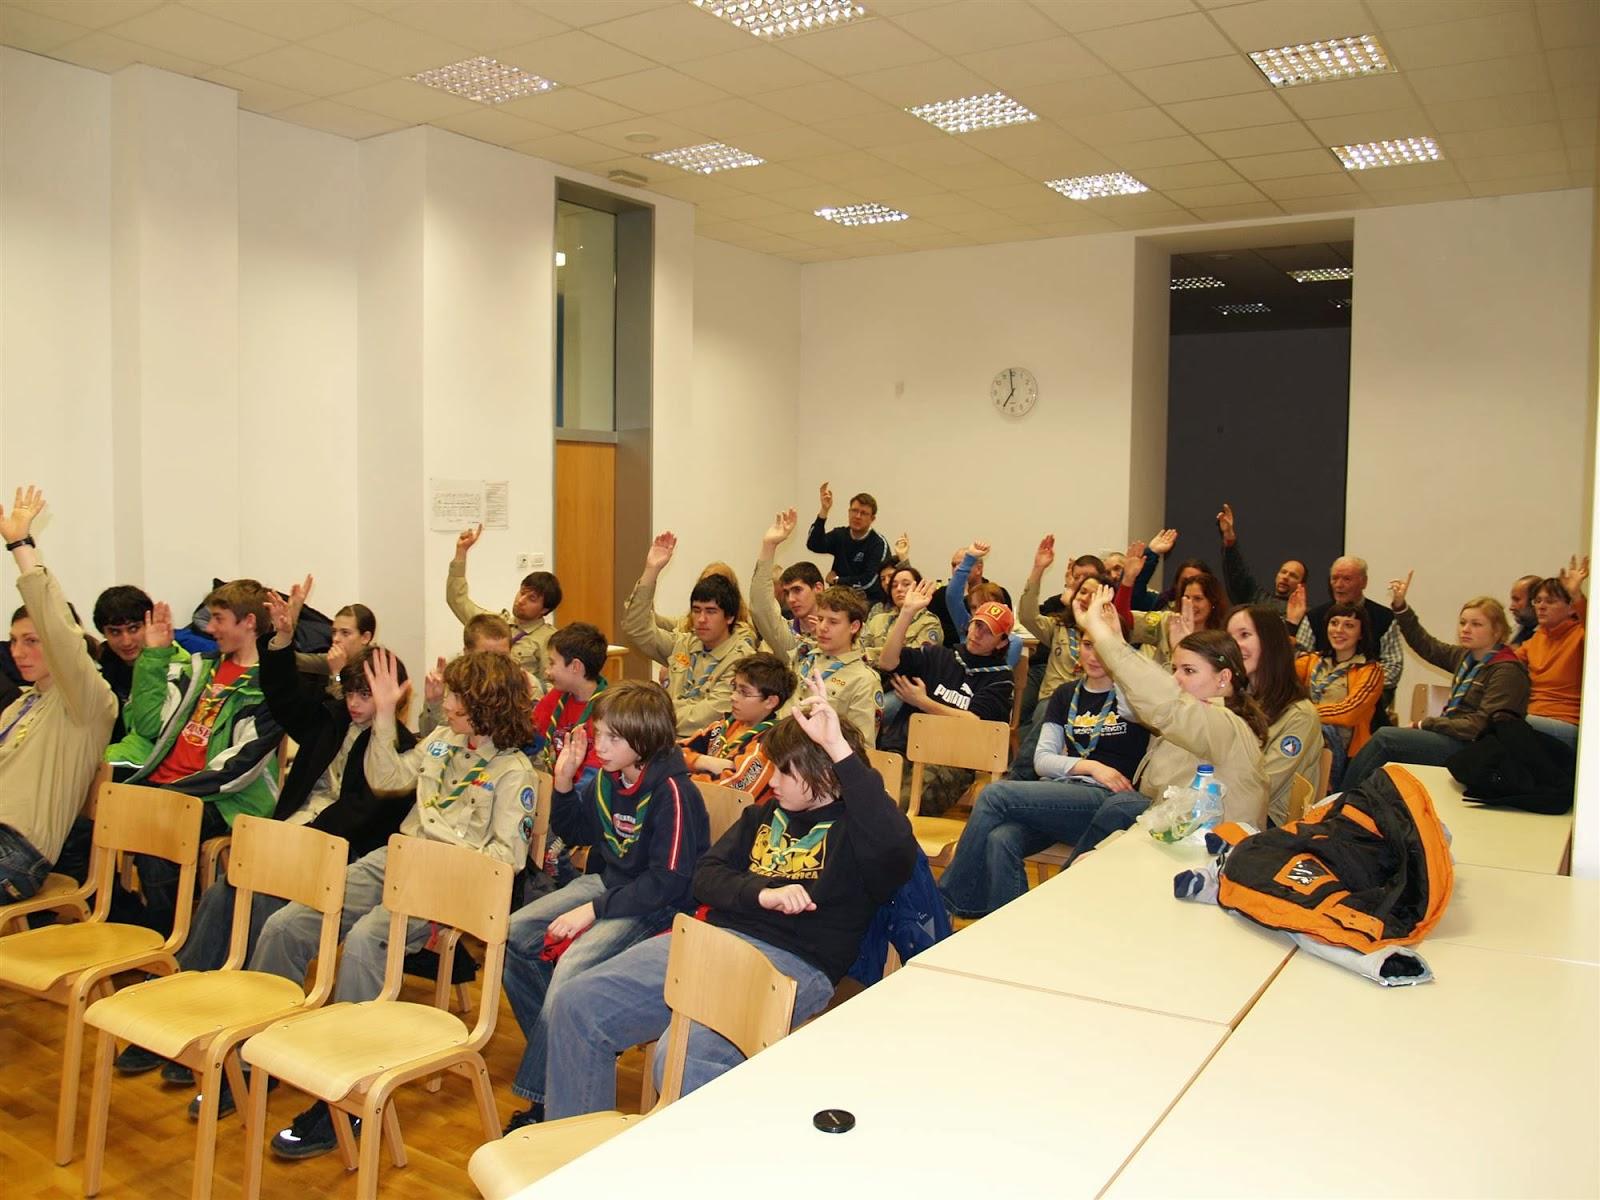 Občni zbor, Ilirska Bistrica 2007 - P0025547.JPG